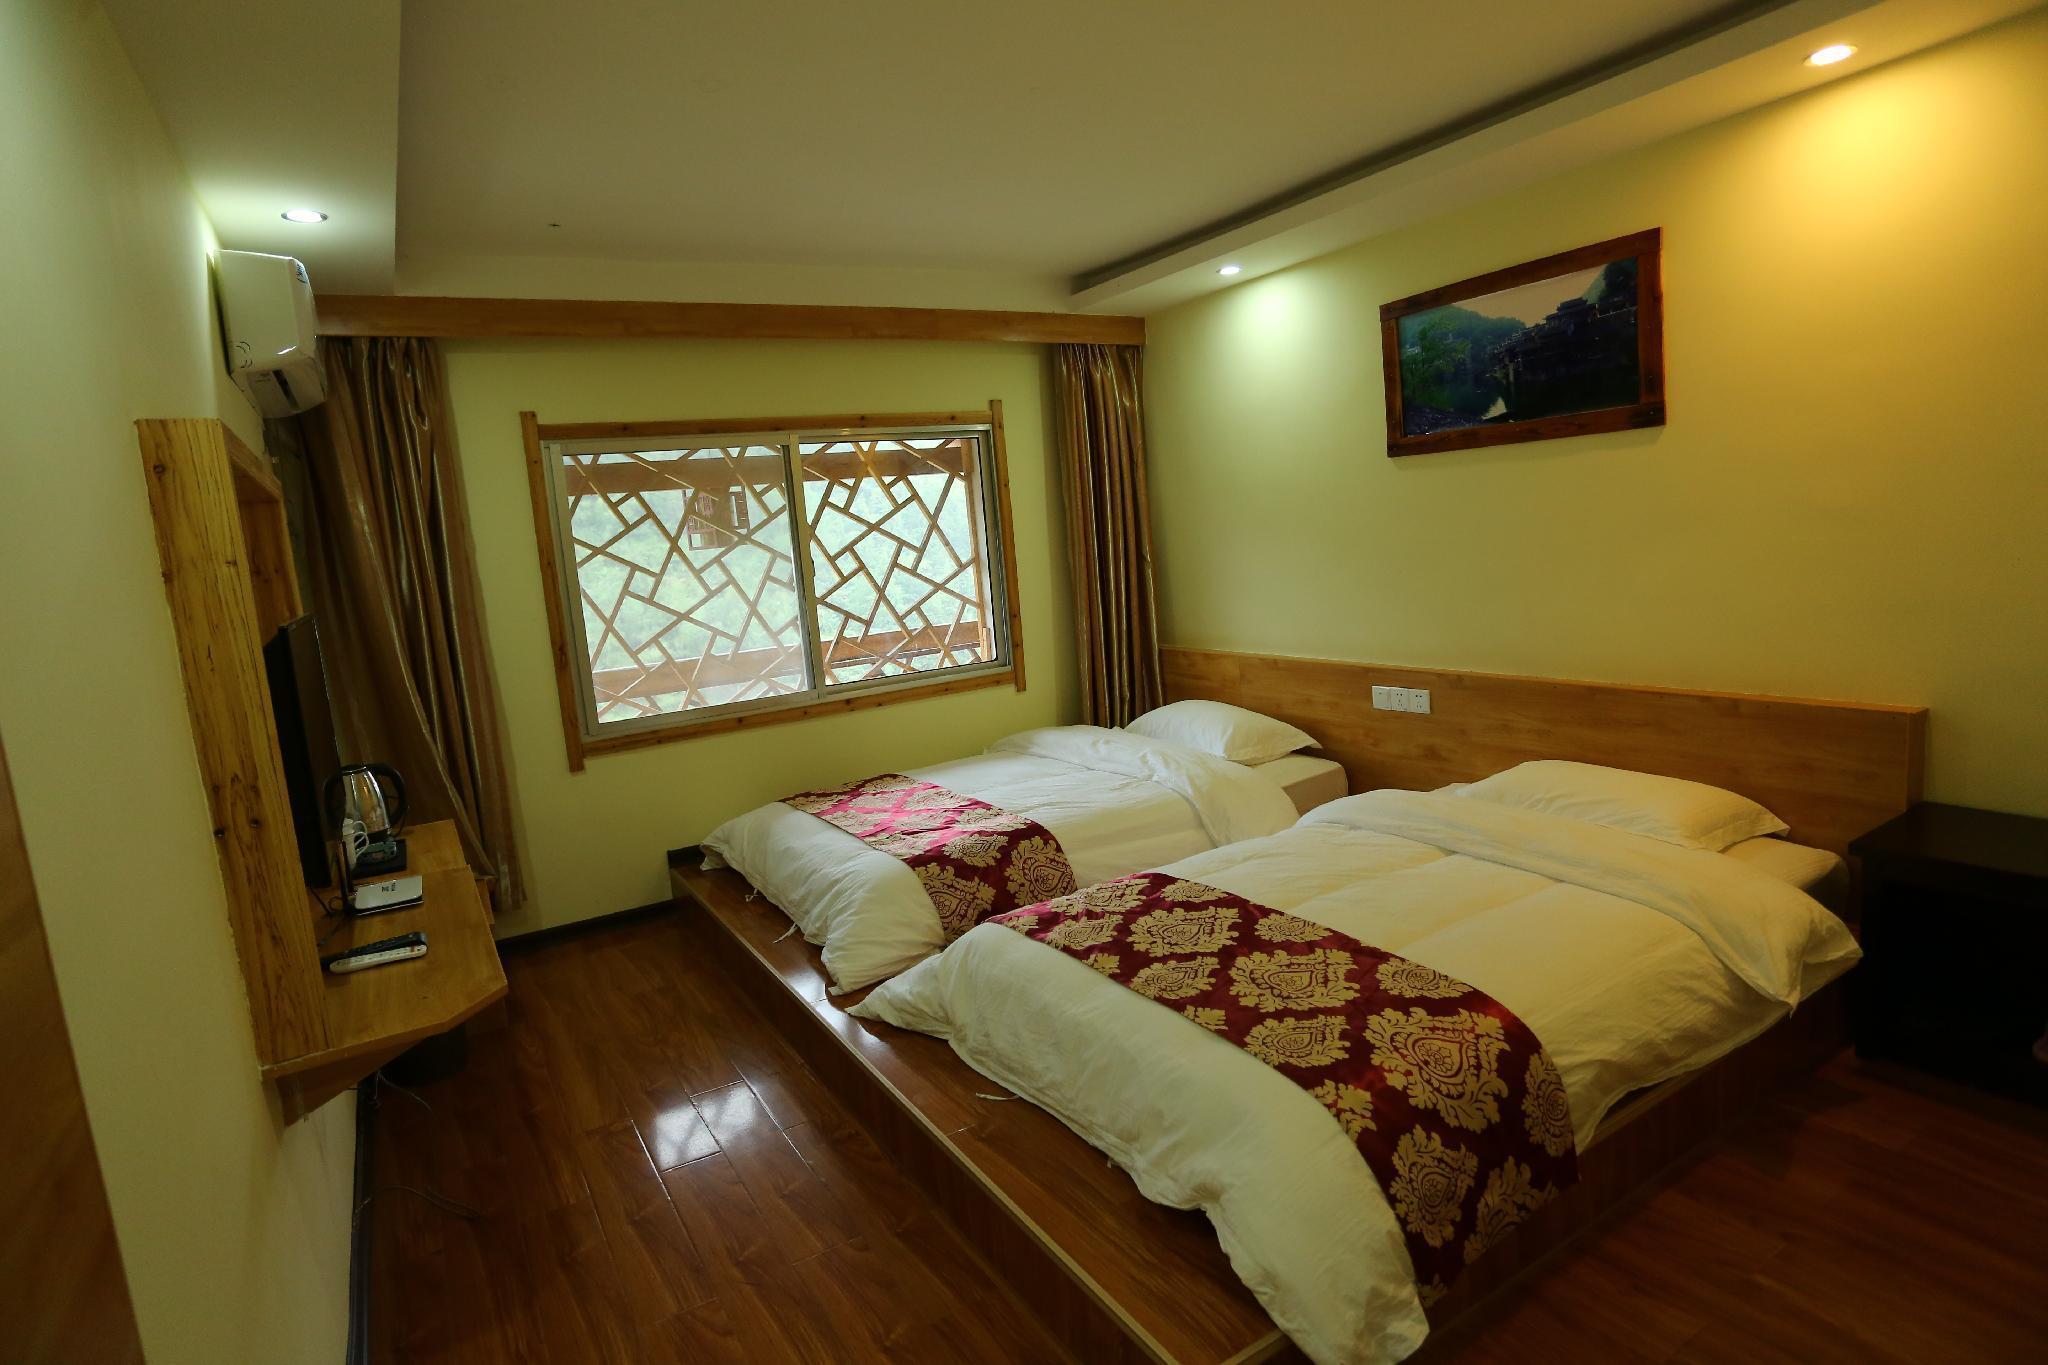 双人间(Twin bed)